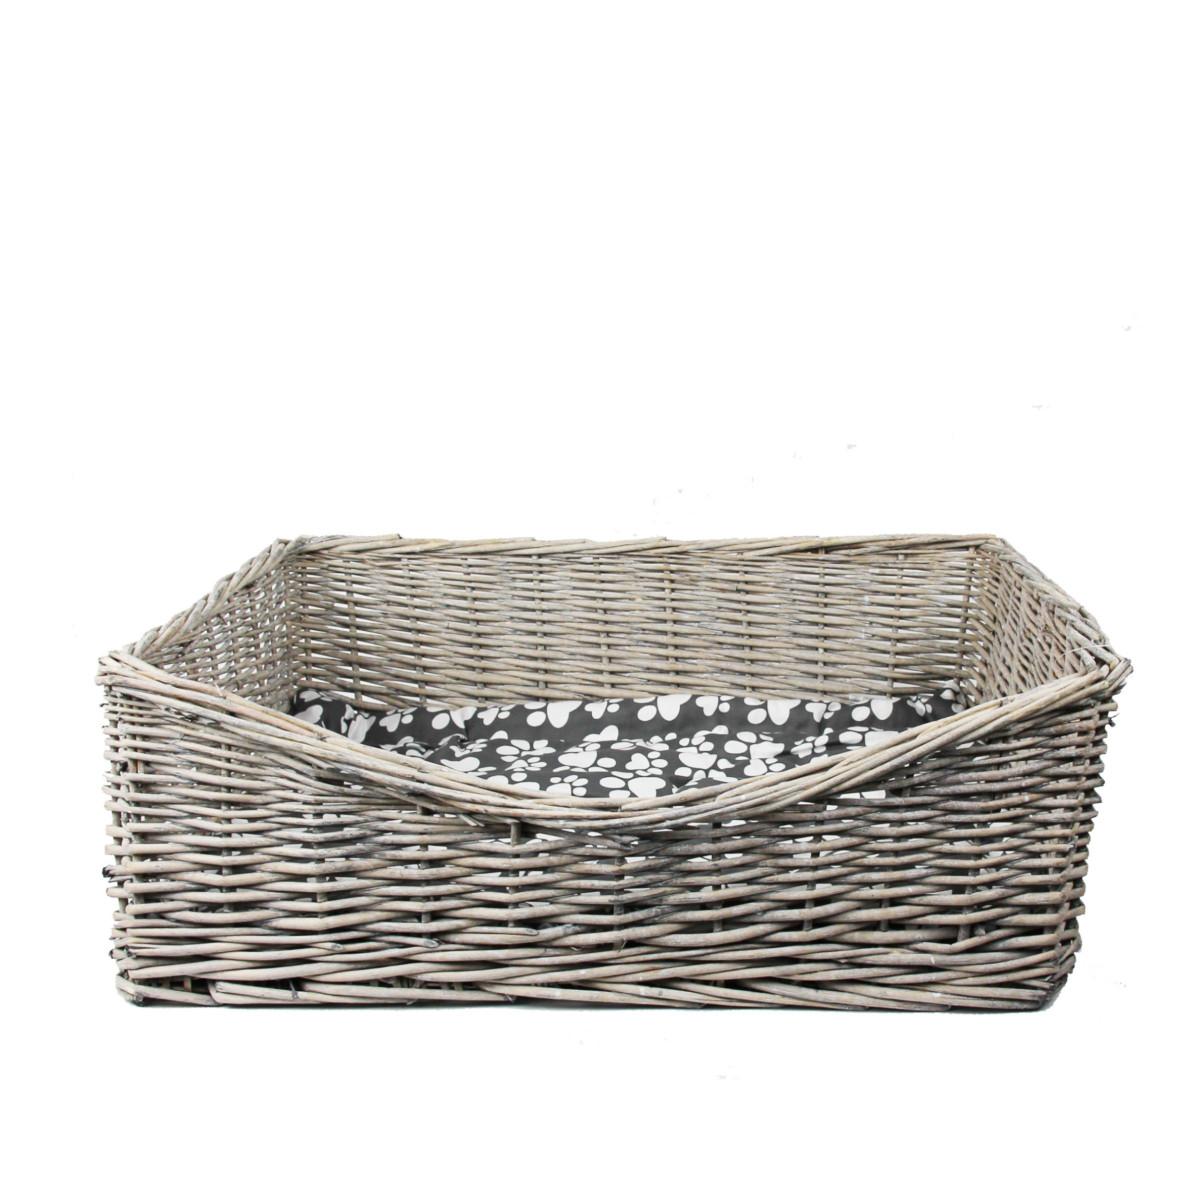 panier pour chien en rotin avec coussin longueur 63 cm. Black Bedroom Furniture Sets. Home Design Ideas